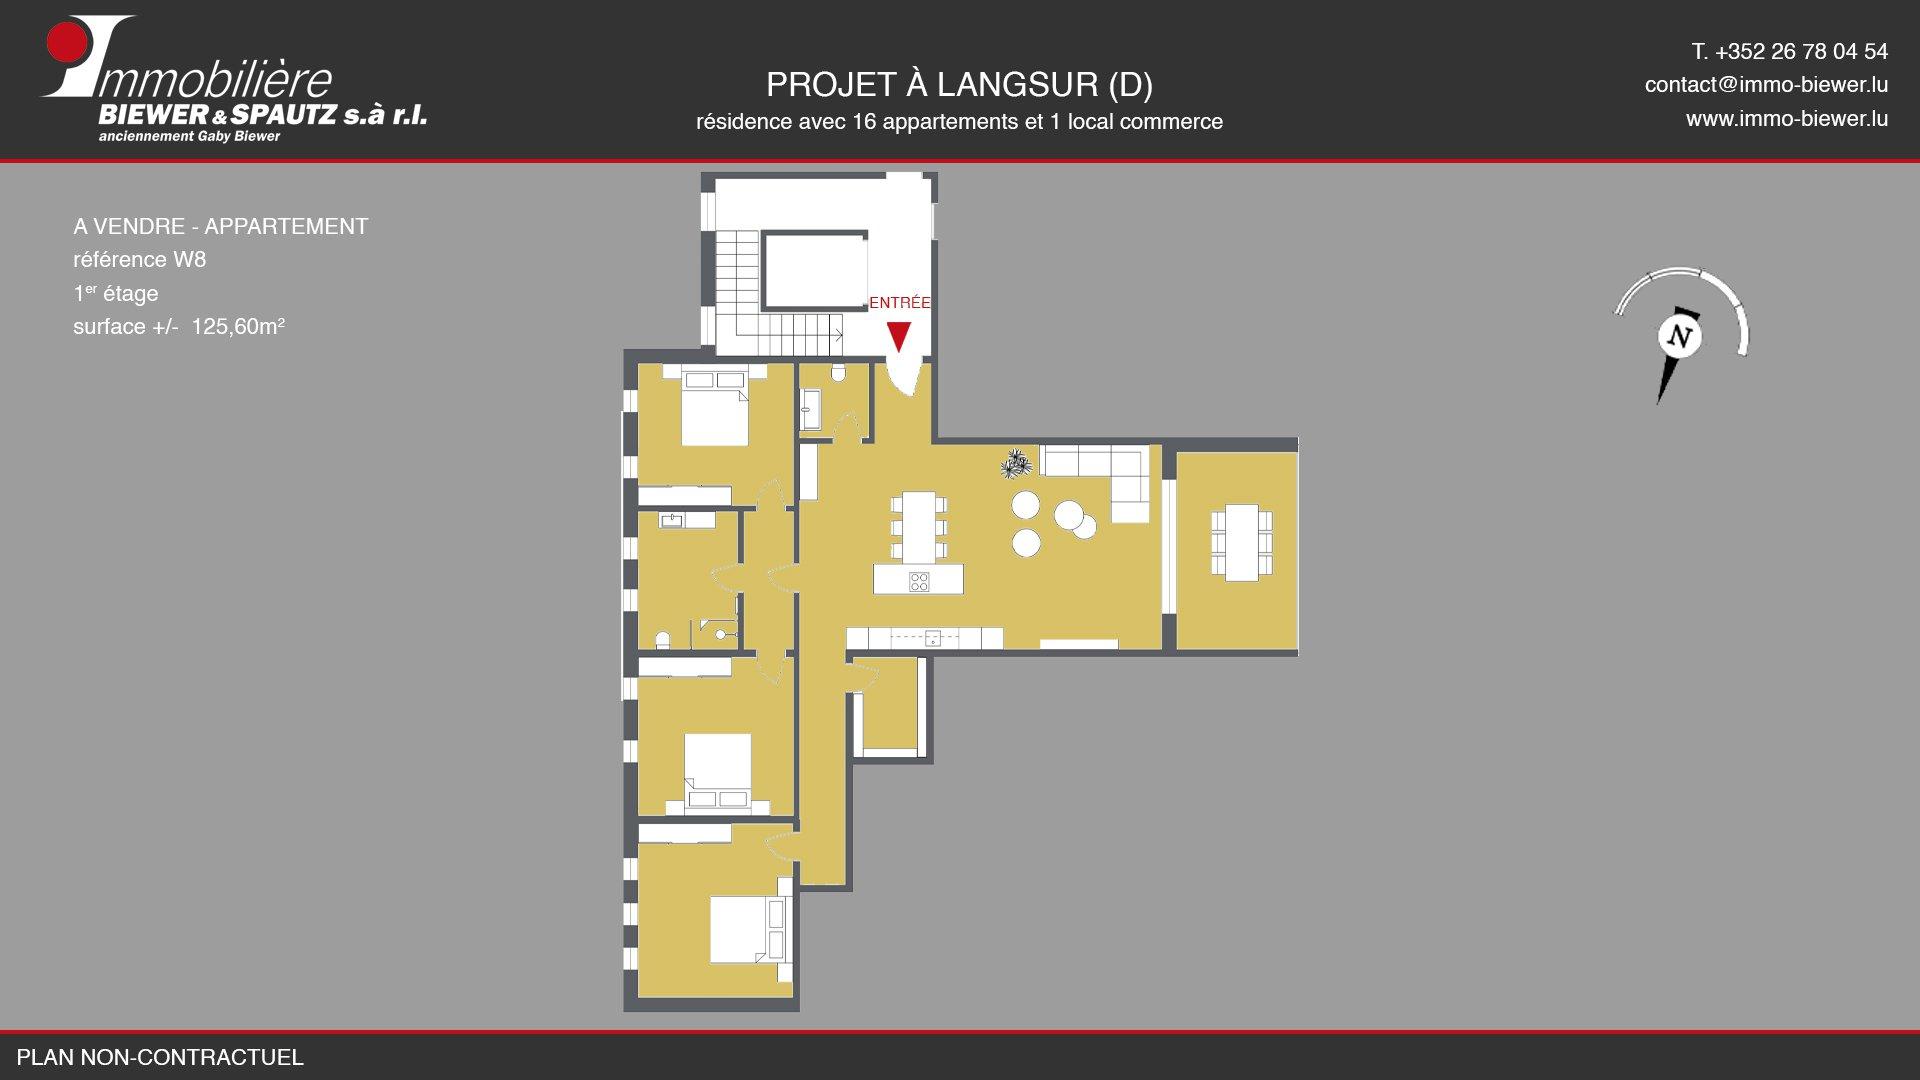 Vente Appartement - Langsur - Allemagne